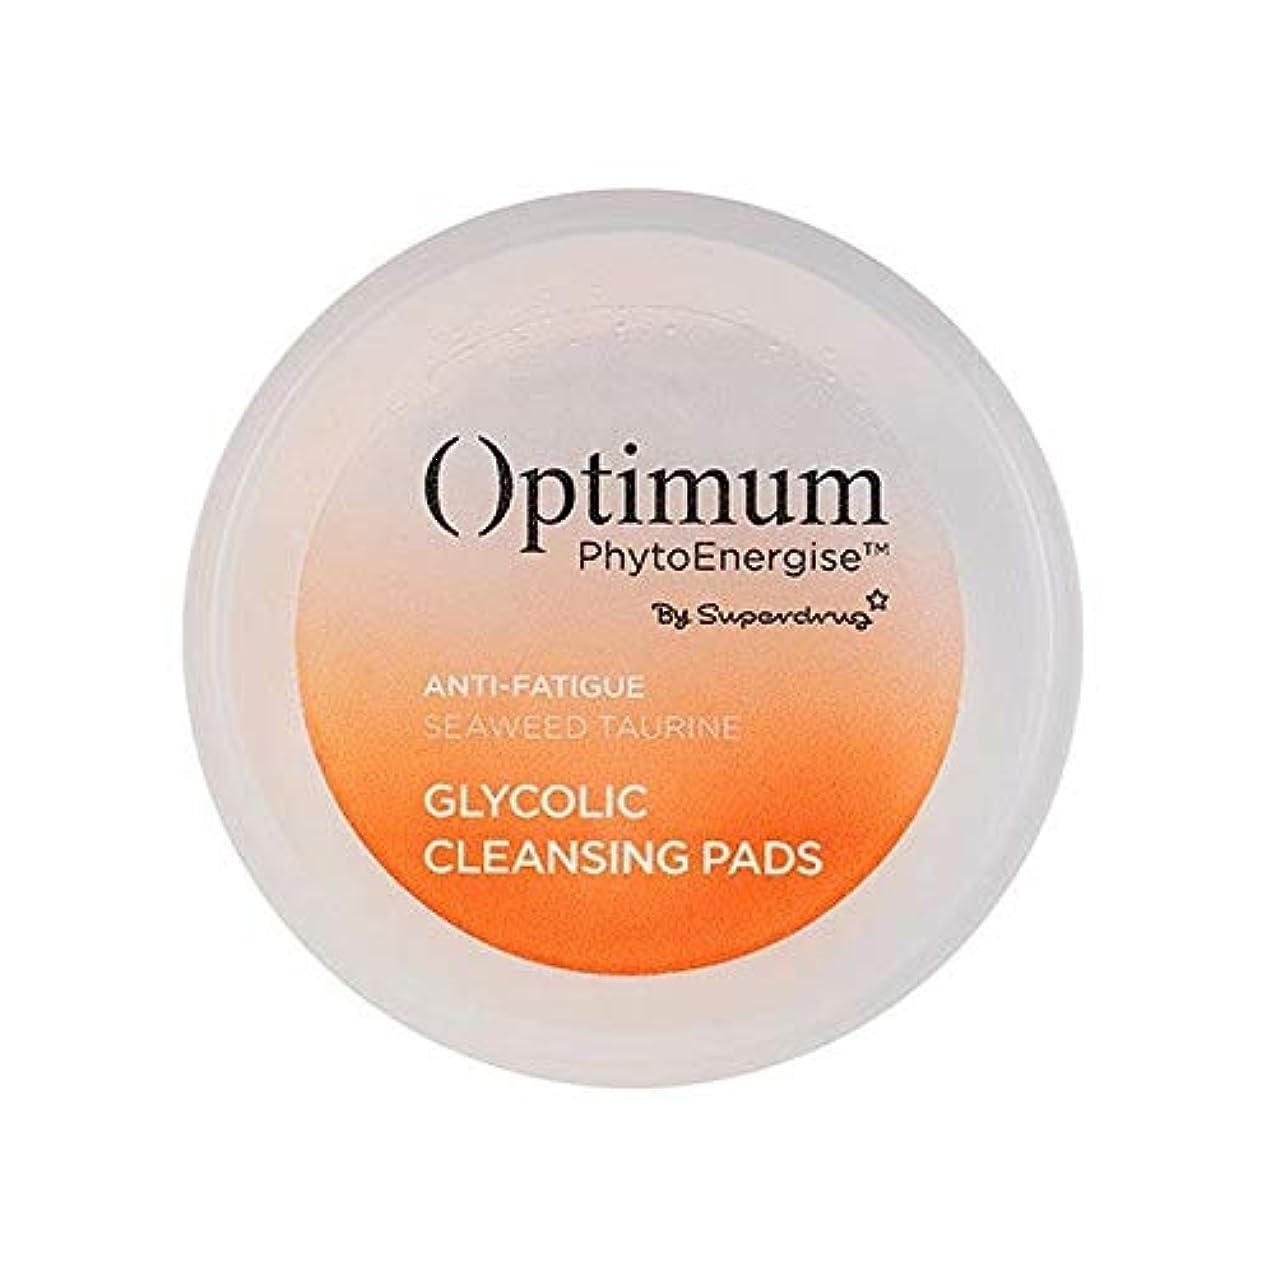 つま先大声でカリング[Optimum ] 最適Phytoenergiseグリコールクレンジングパッド - Optimum PhytoEnergise Glycolic Cleansing Pads [並行輸入品]